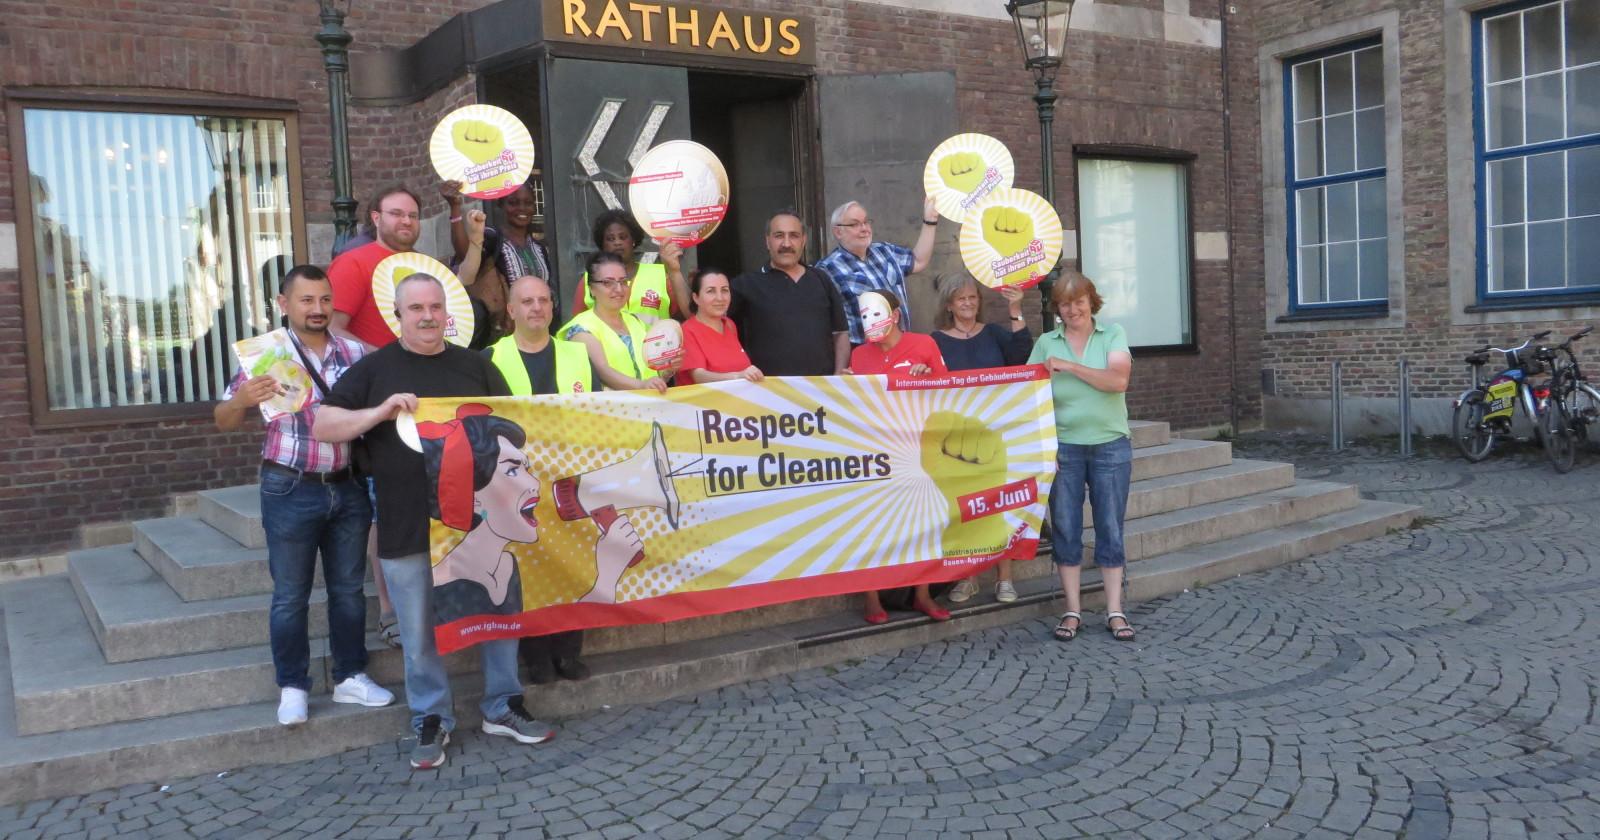 Zum Tag der Gebäudereinigung: Düsseldorfer Fachgruppe vergibt gelben Handschuh als Symbol der Solidarität mit Reinigungskräften